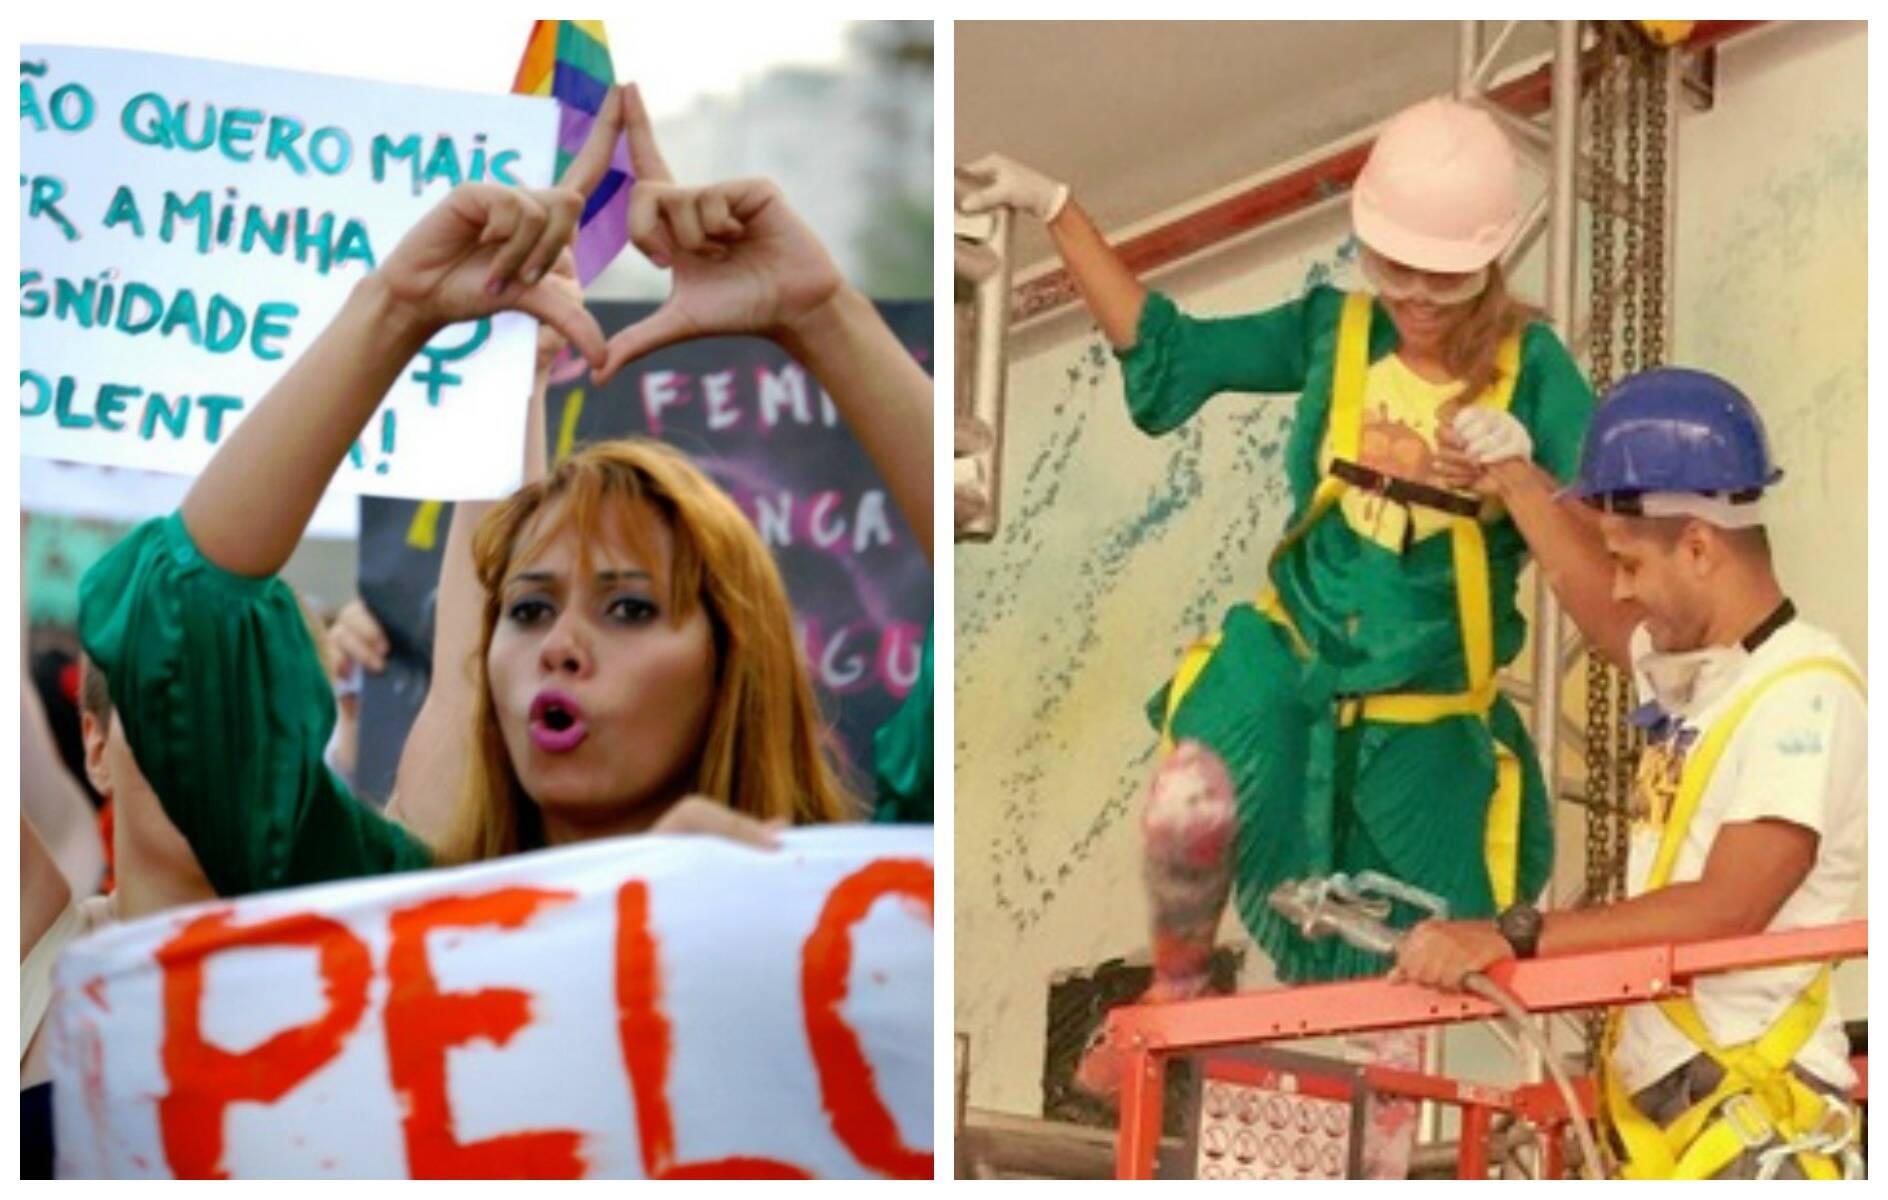 Panmela usou o famoso wrap dress inventado por Diane von Fürstenberg nas situações mais inusitadas no Rio: em sentido horário, para surfar, na linha férrea, na construção civil e para fazer um protesto/ Fotos: divulgação